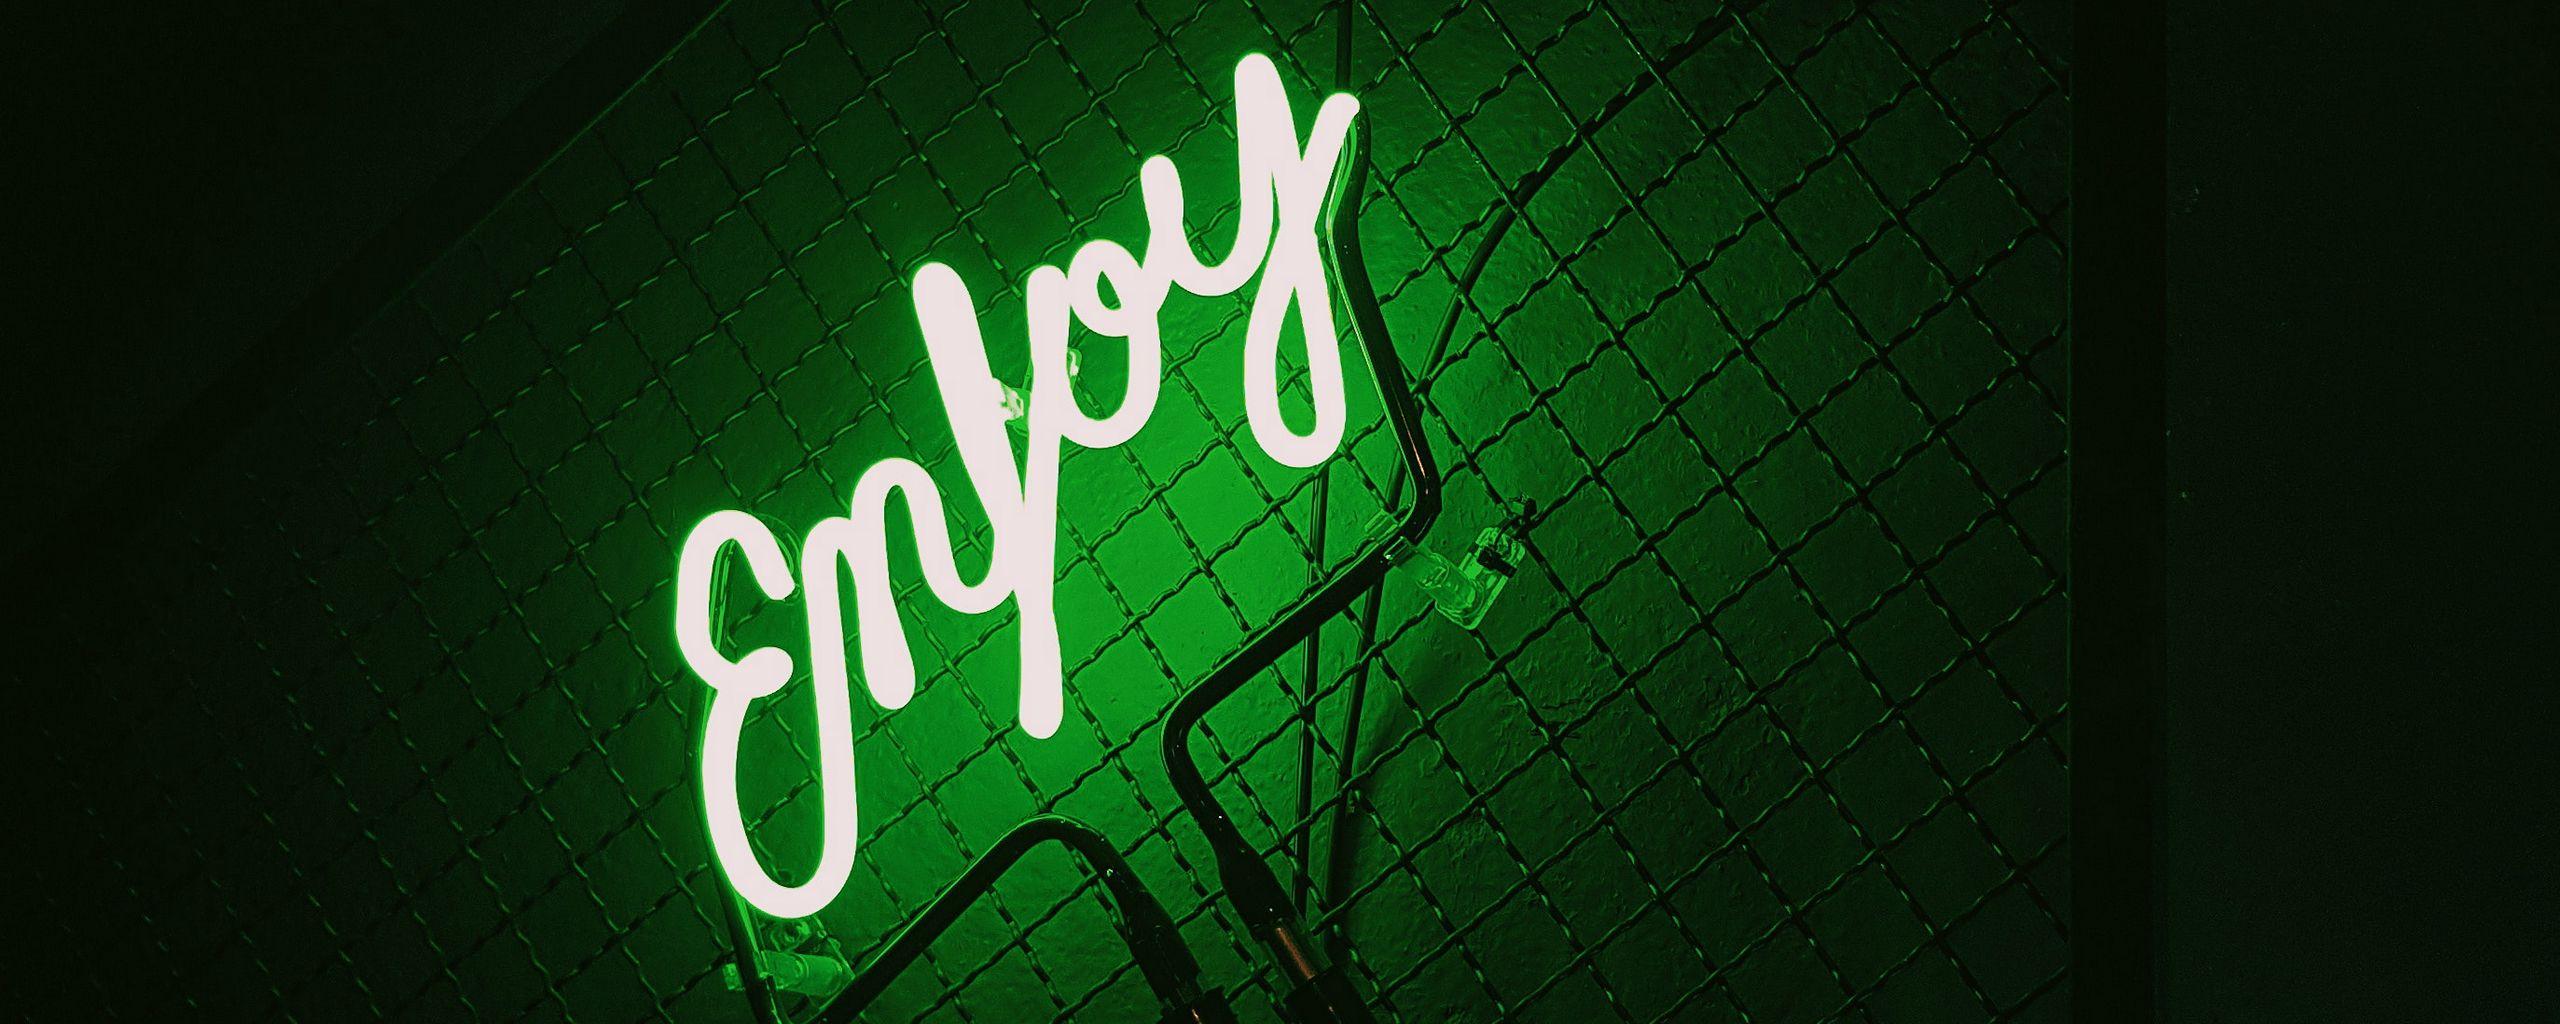 2560x1024 Wallpaper inscription, neon, backlight, green, dark